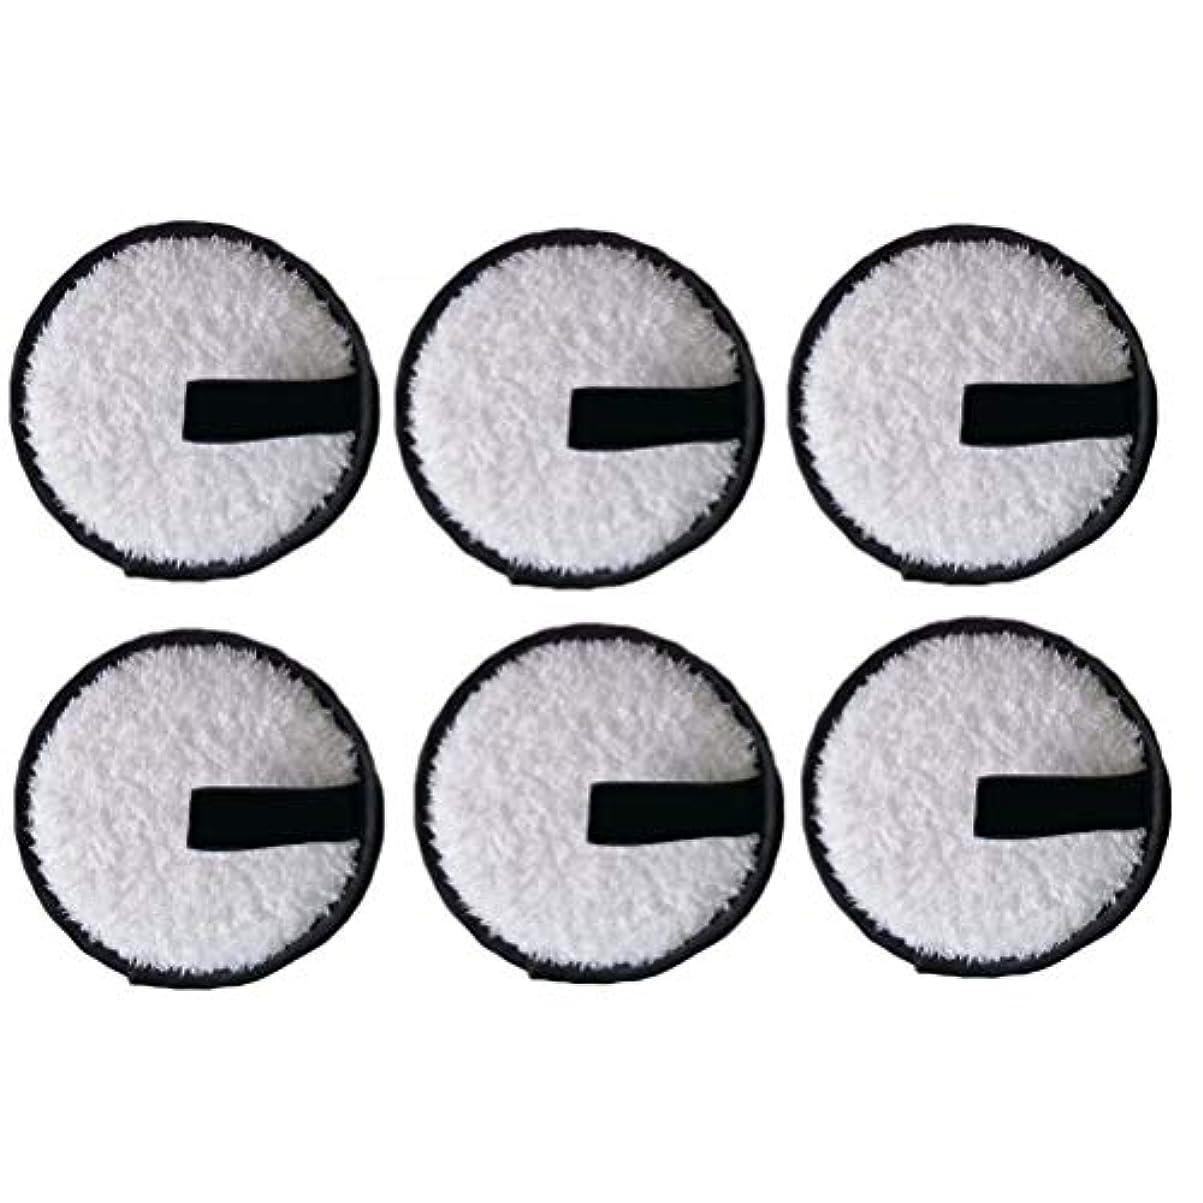 有望モットー肥沃なFrcolor メイクアップパフ クレンジングパフ メイク落とし圧縮パッド 6本(黒)